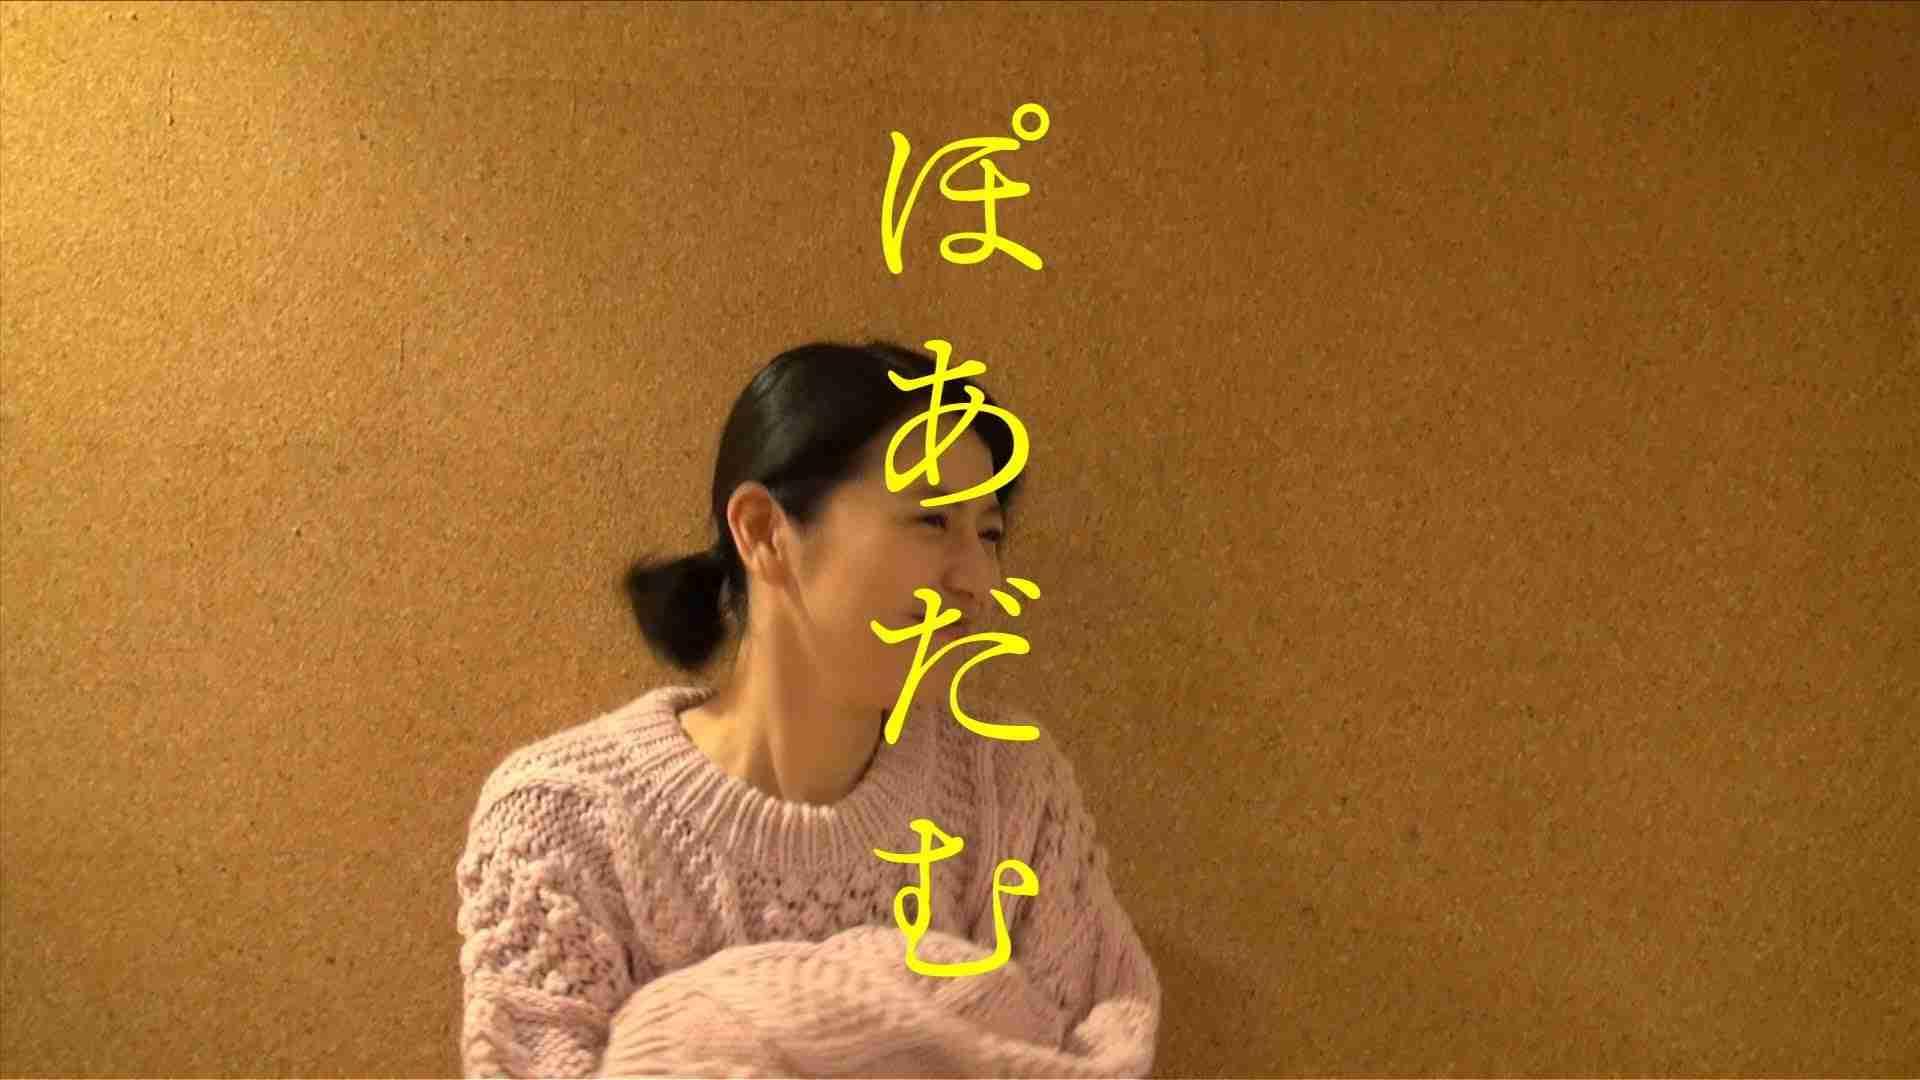 銀杏BOYZ - ぽあだむ (MV) - YouTube